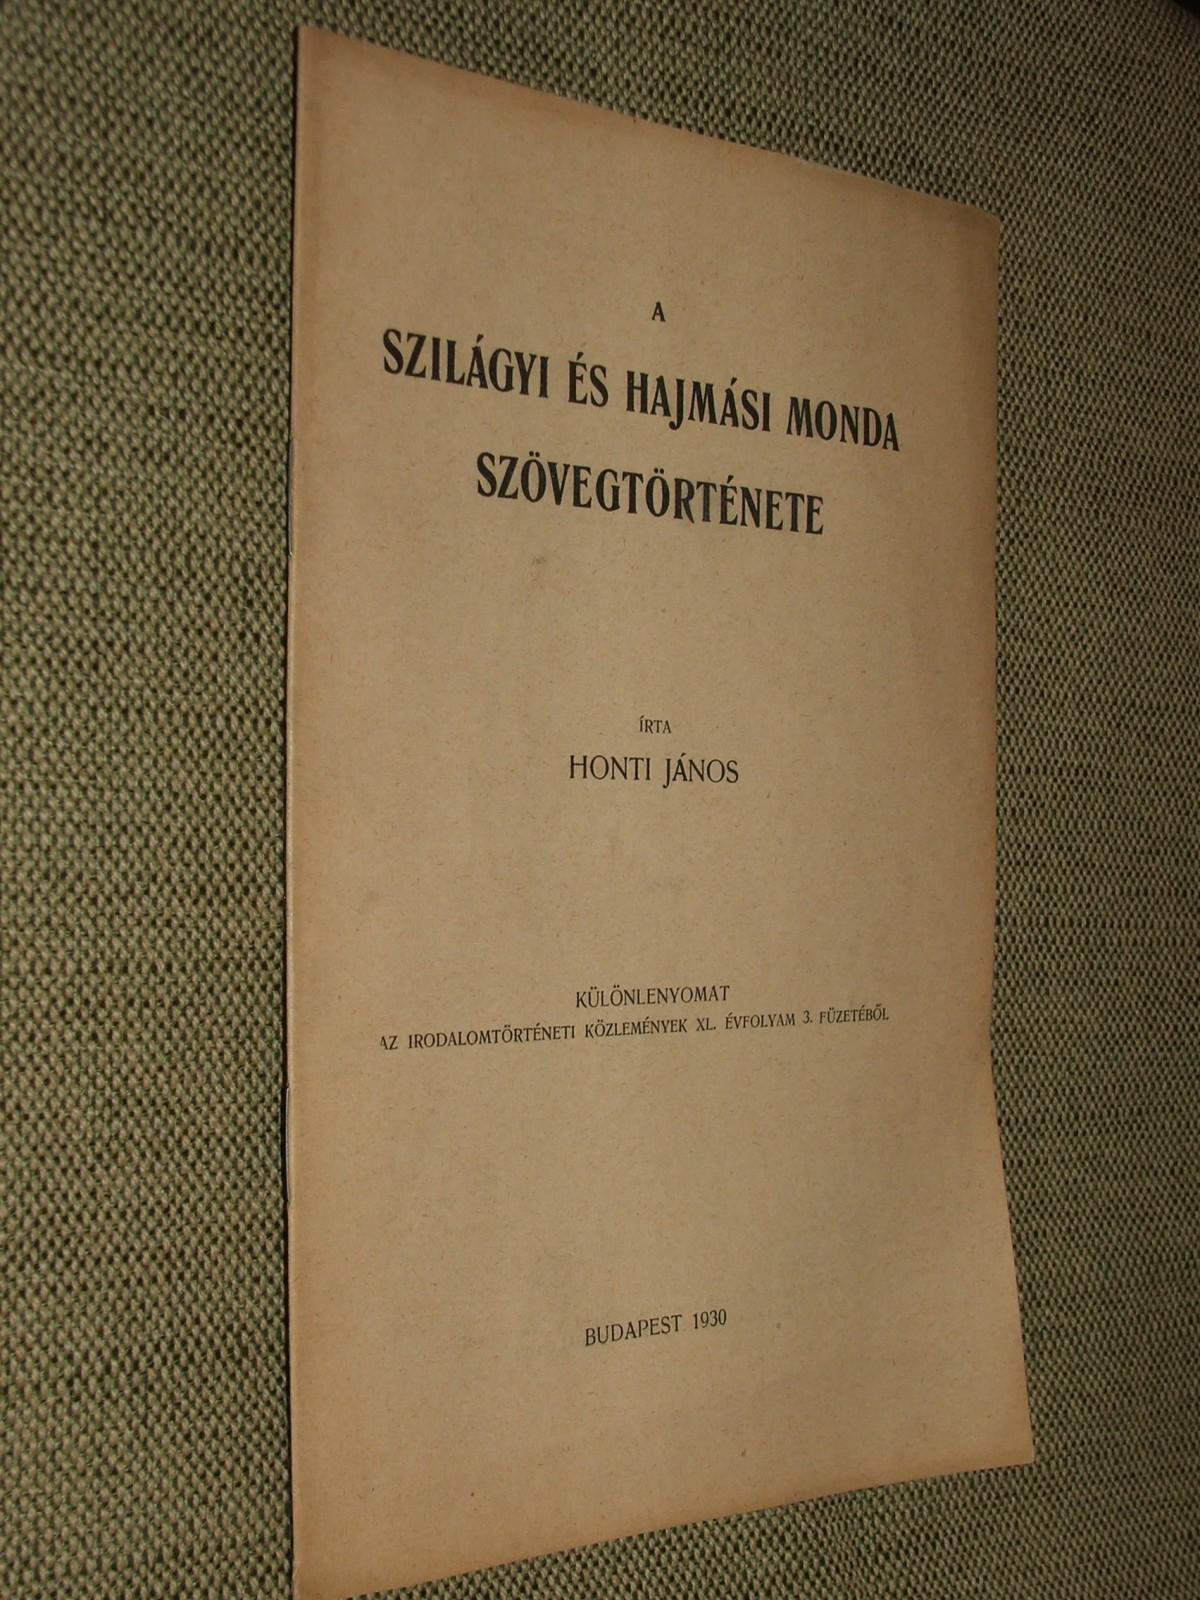 HONTI János: A Szilágyi és Hajmási monda szövegtörténete